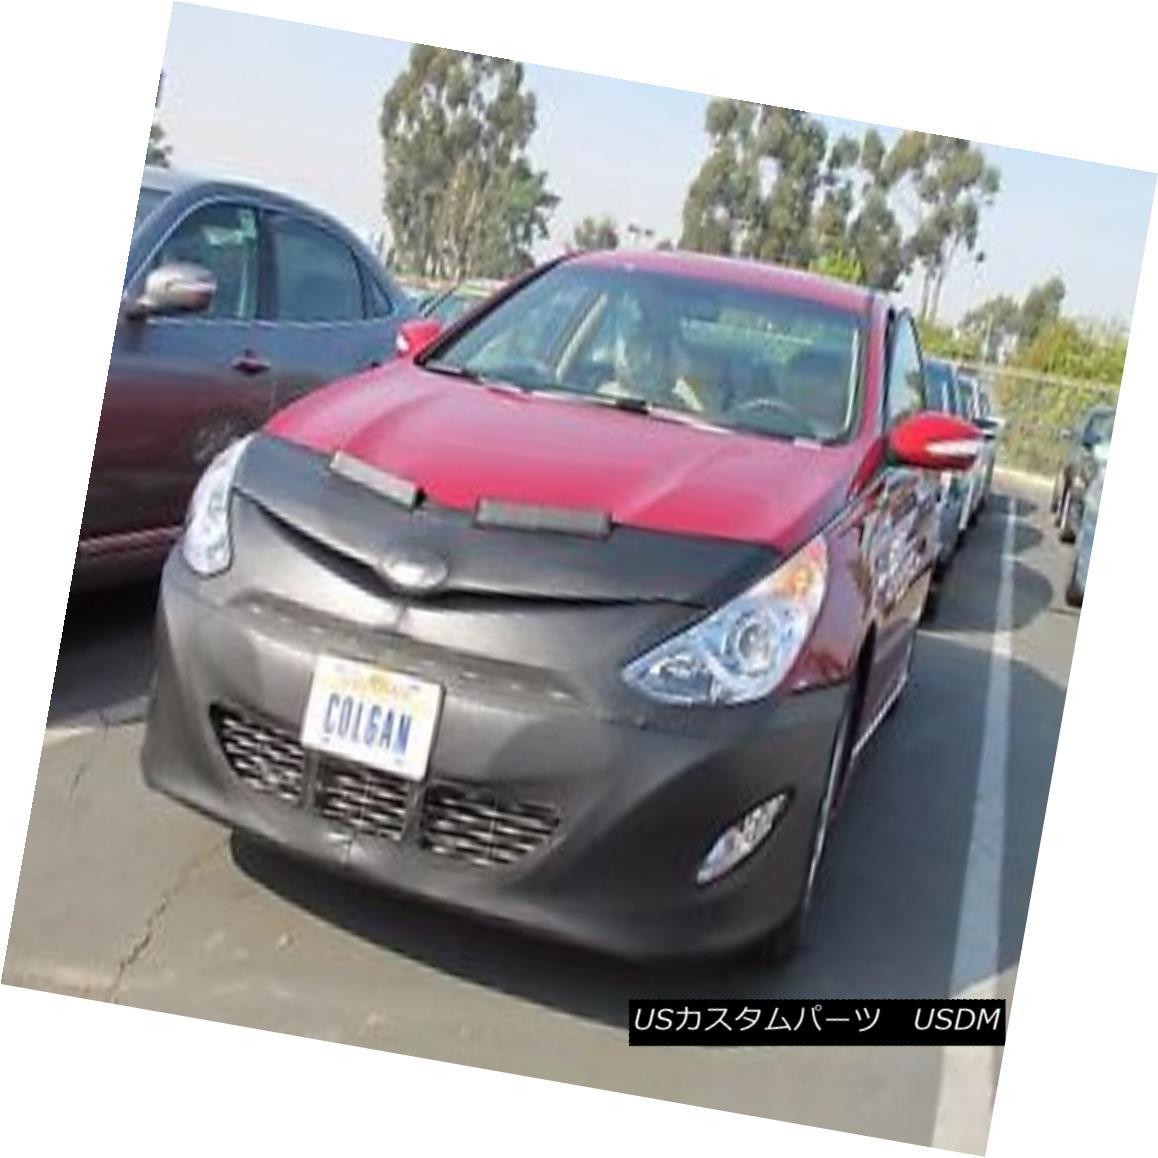 フルブラ ノーズブラ Colgan Front End Mask Bra 2pc. Fits Hyundai Sonata Hybrid 2011-2014 W/O License コルガンフロントエンドマスクブラ2pc Hyundai Sonata Hybrid 2011-2014 W / Oライセンスに適合